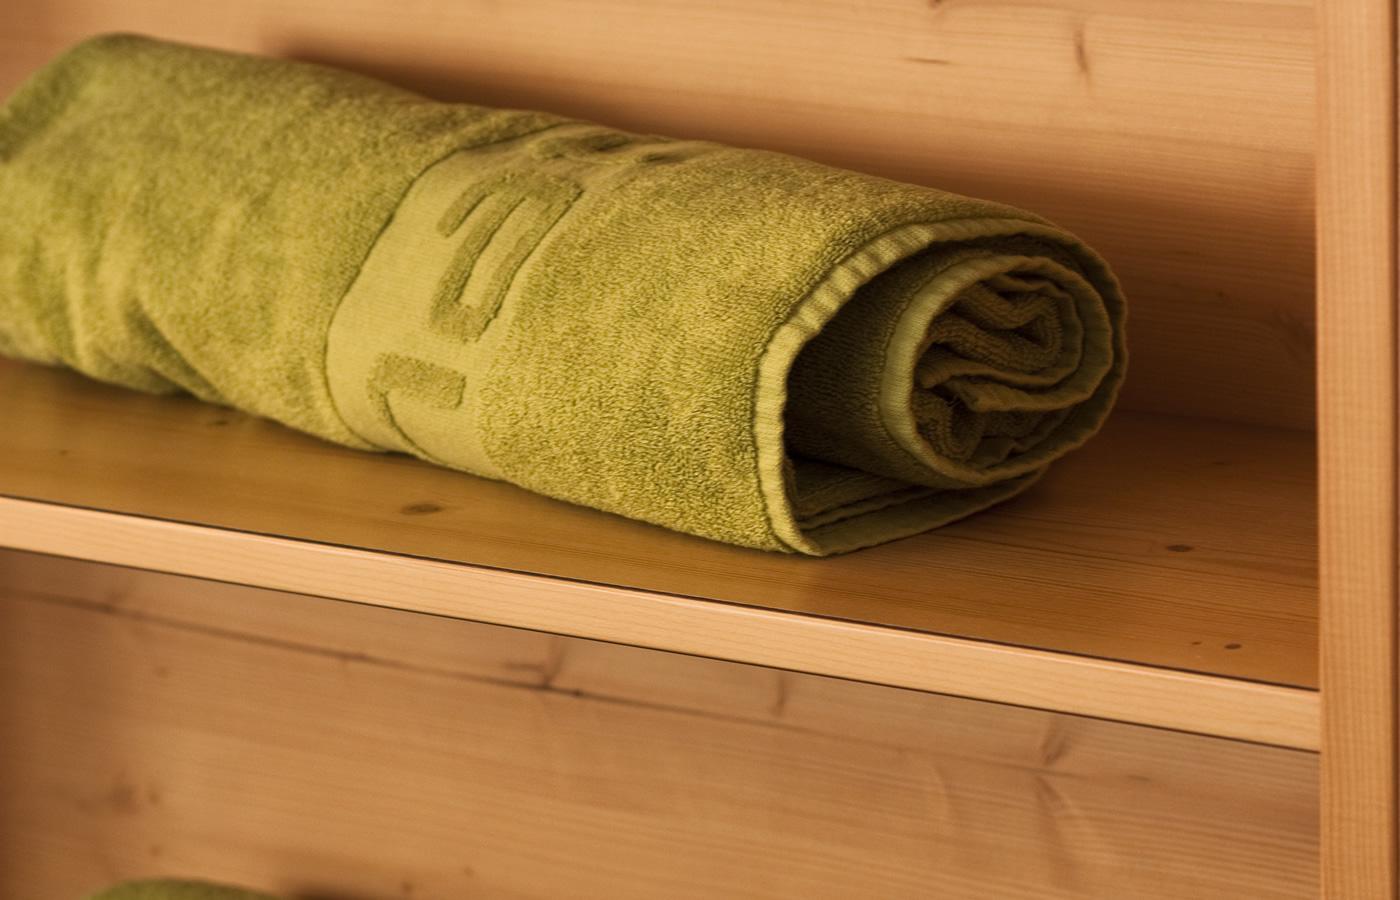 Natürlich Handtuch im Regal - Zimmer in Serfaus-Fiss-Ladis.